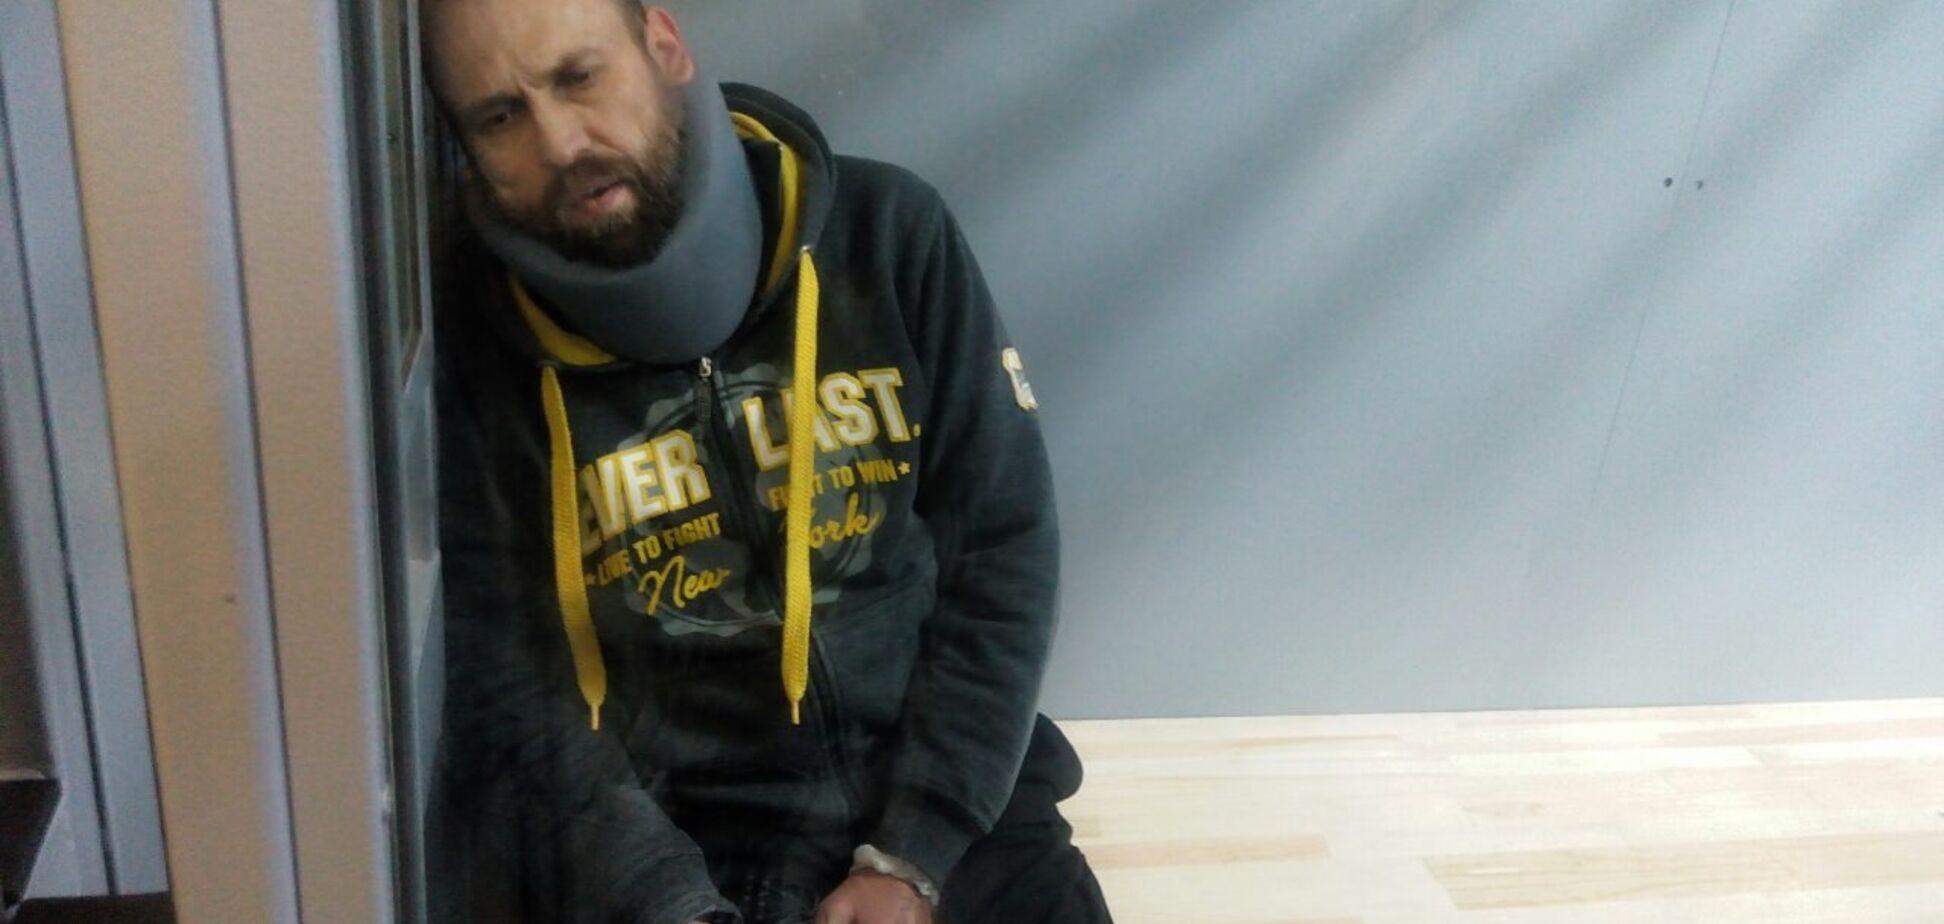 Могут оправдать: юрист дал интересный прогноз по суду над Зайцевой и Дроновым